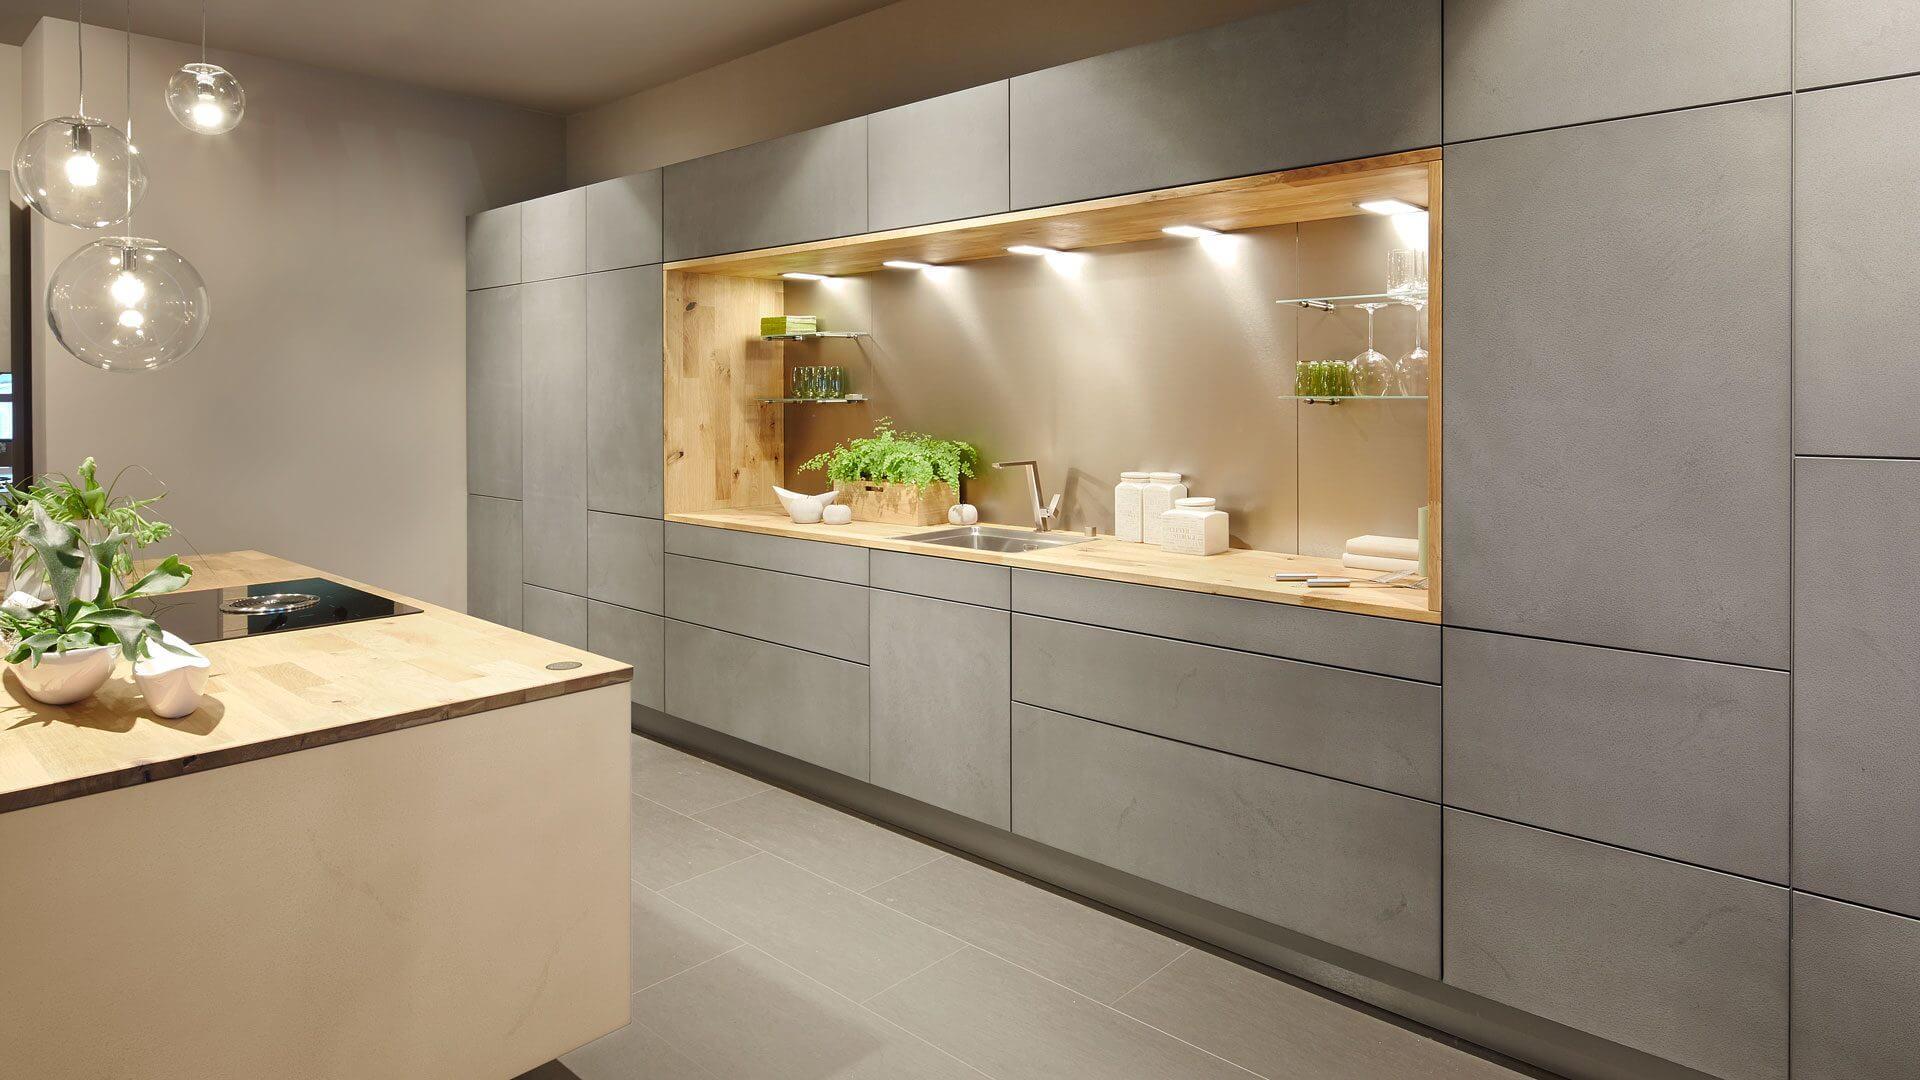 Moderne Küche als Küchenzeile in gespachteltem Stein